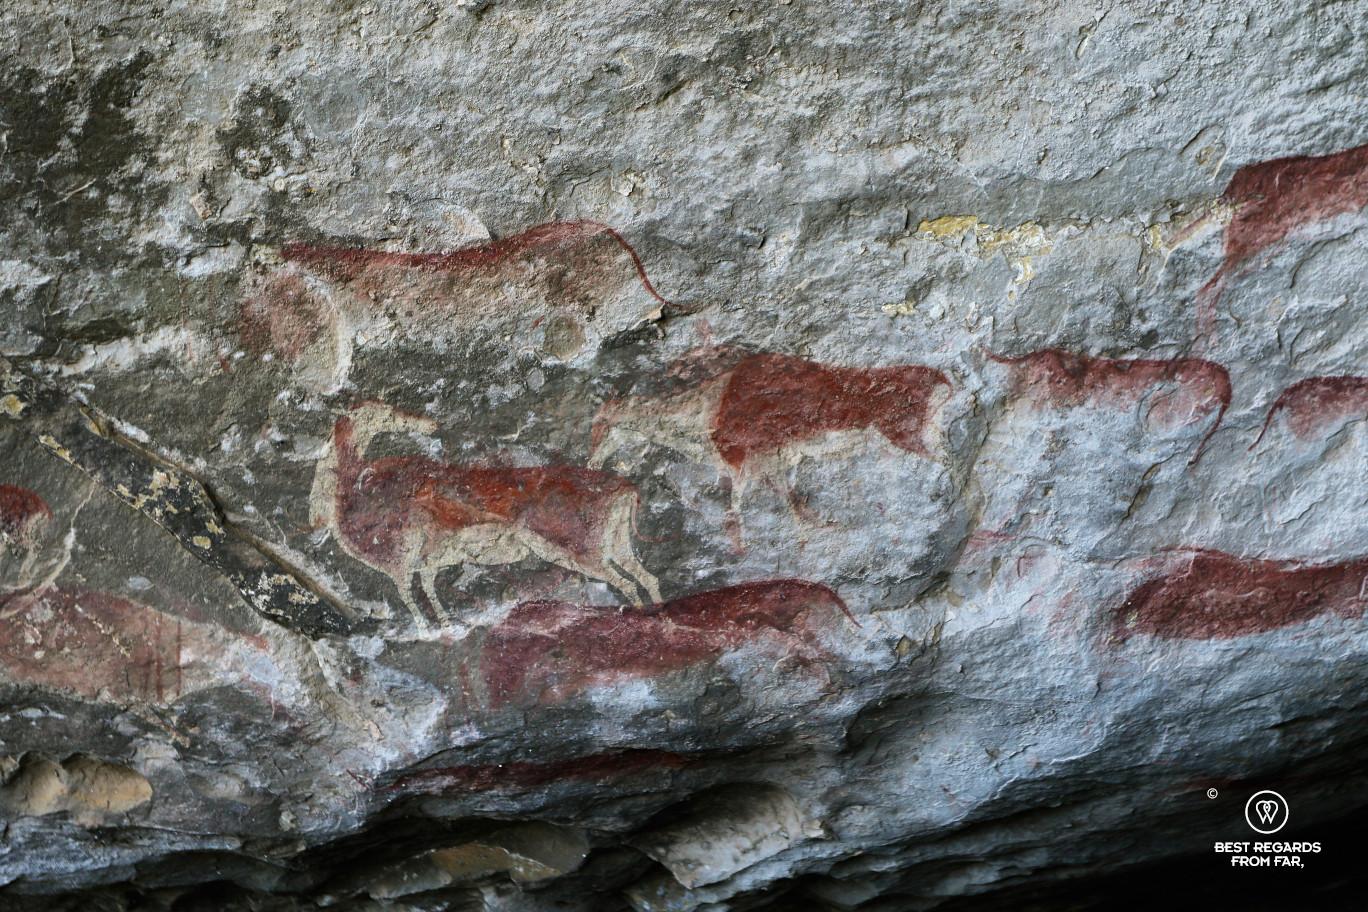 Bushmen rock art representing elands, Drakensberg, South Africa